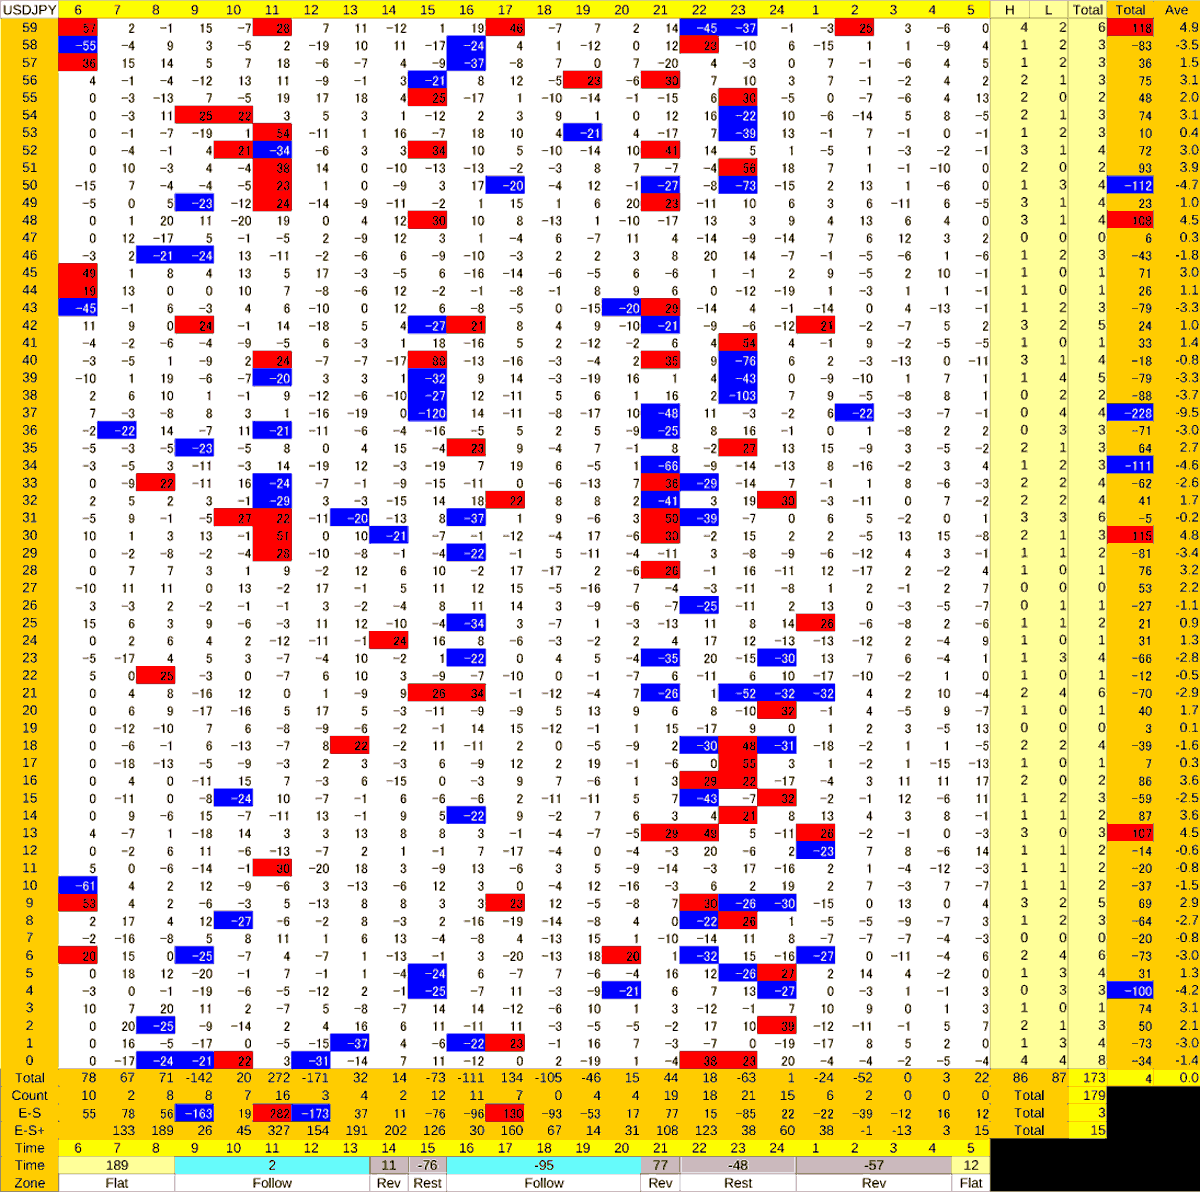 20200616_HS(1)USDJPY